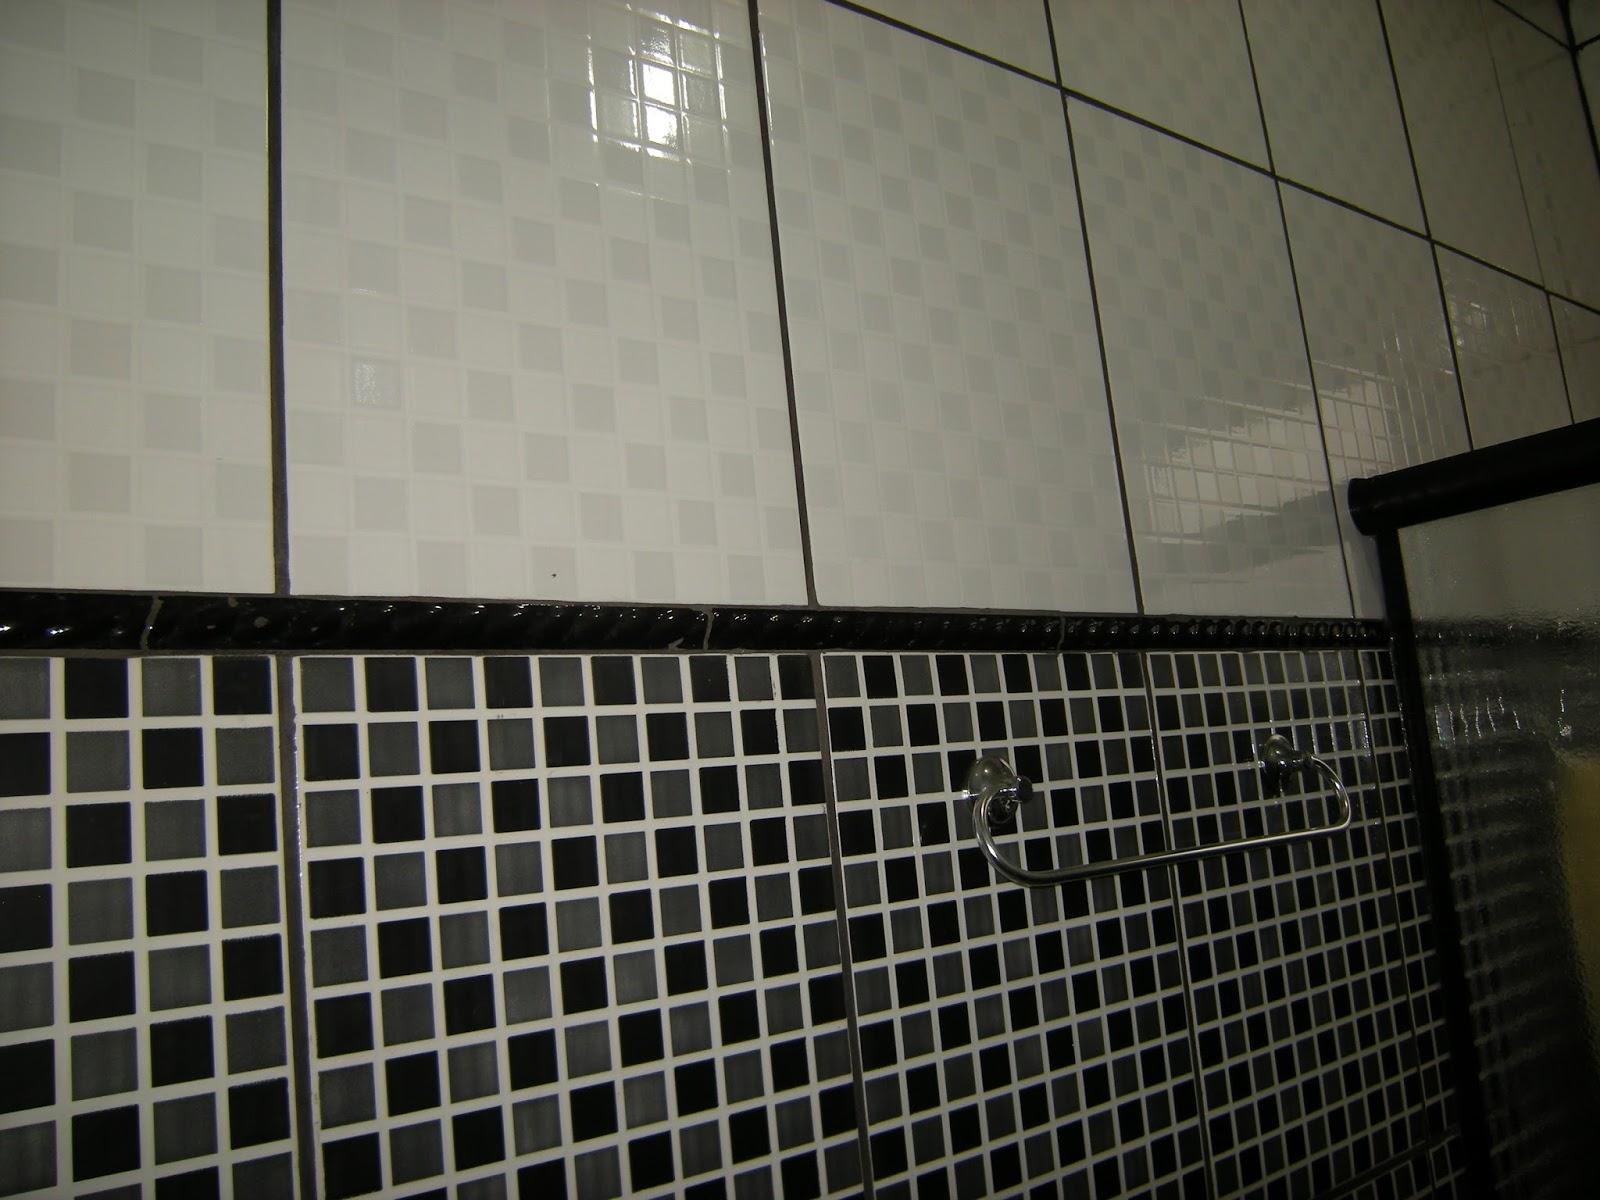 quero colocar uma cuba e um espelho com dois nichos branco #575444 1600x1200 Banheiro Com Piso Preto E Revestimento Branco